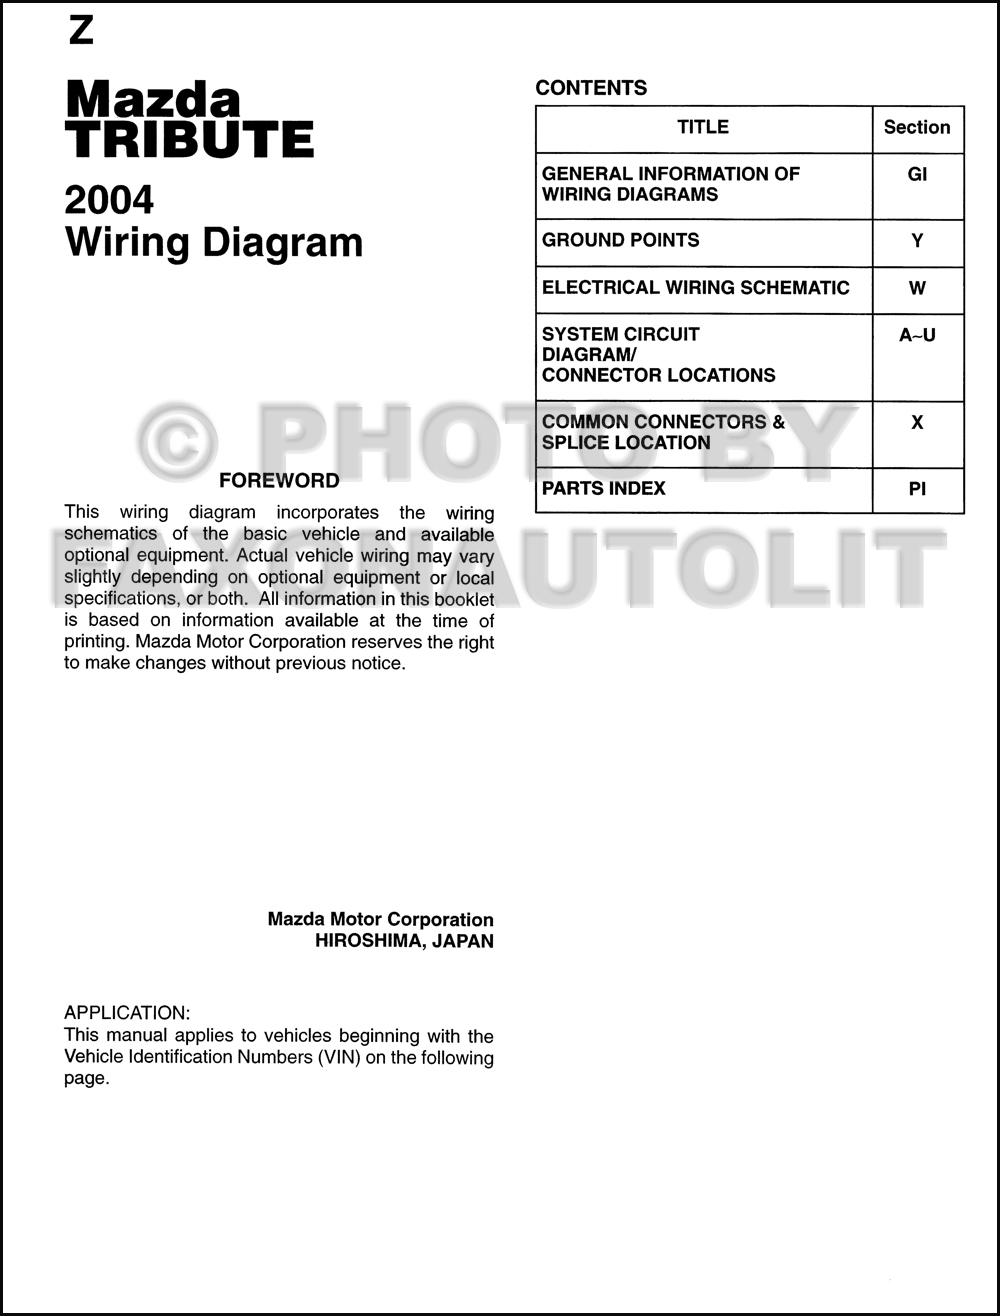 2002 mazda tribute wiring diagram 2002 image 2002 mazda tribute wiring harness 2002 image on 2002 mazda tribute wiring diagram